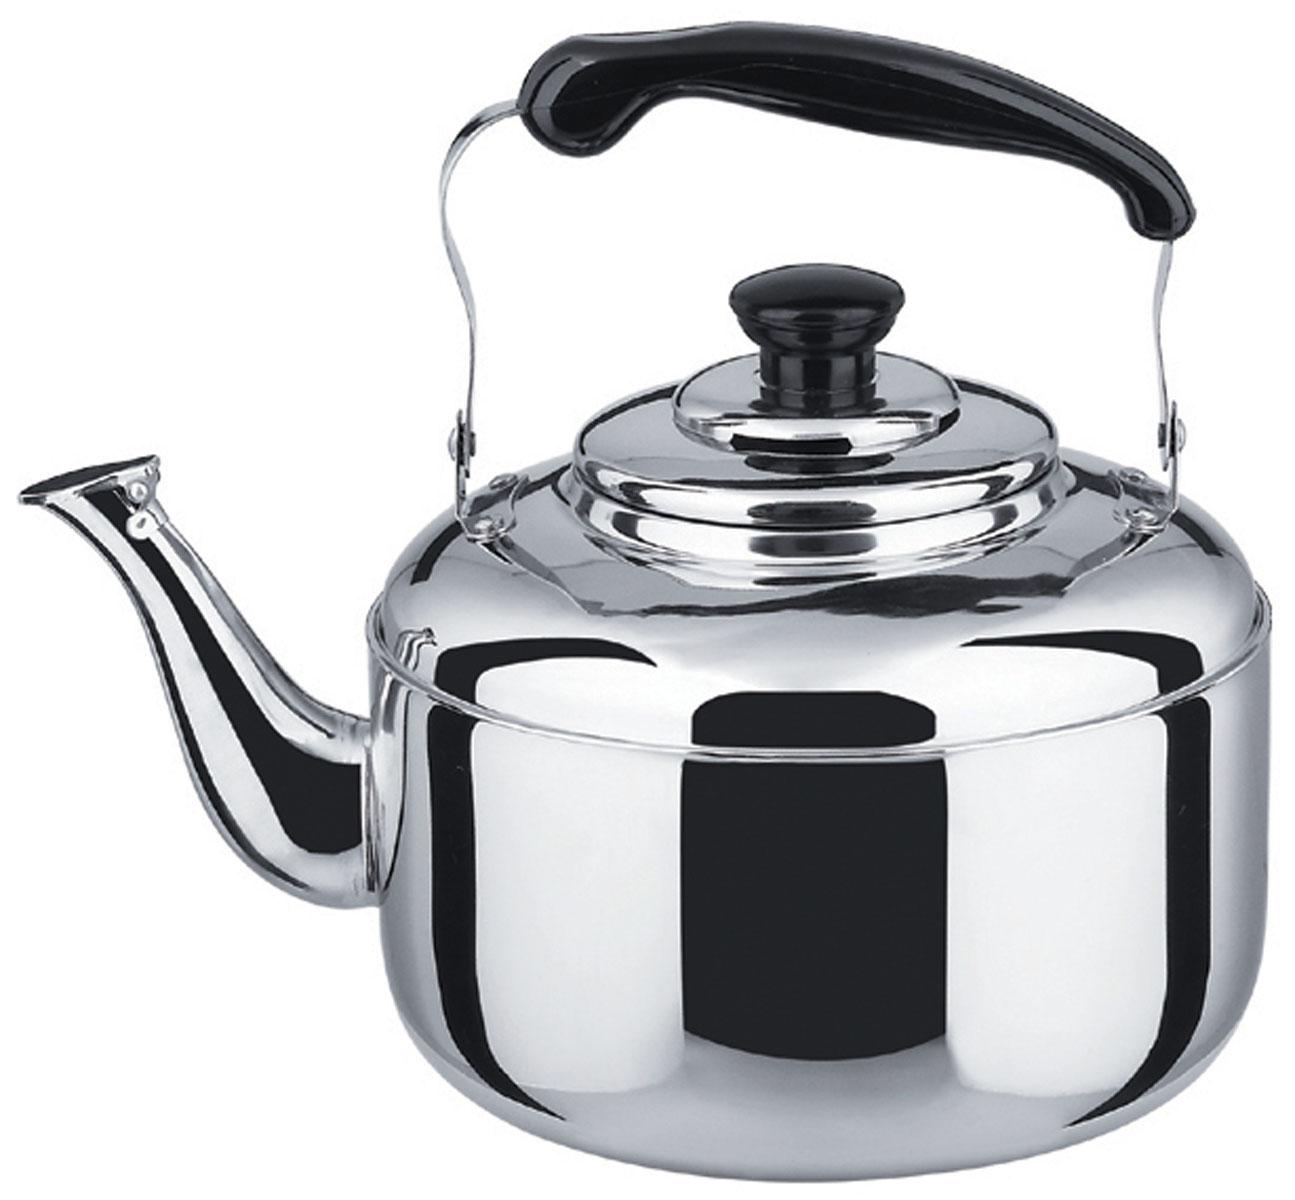 Чайник Bekker Koch со свистком, 2 л. BK-S48554 009312Чайник Bekker Koch изготовлен из высококачественной нержавеющей стали с зеркальной полировкой. Цельнометаллическое дно распределяет тепло по всей поверхности, что позволяет чайнику быстро закипать. Эргономичная подвижная ручка выполнена из нержавеющей стали и бакелита черного цвета. Носик оснащен откидным свистком, который подскажет, когда вода закипела. Широкое отверстие по верхнему краю позволяет удобно наливать воду.Подходит для всех типов плит, включая индукционные. Можно мыть в посудомоечной машине.